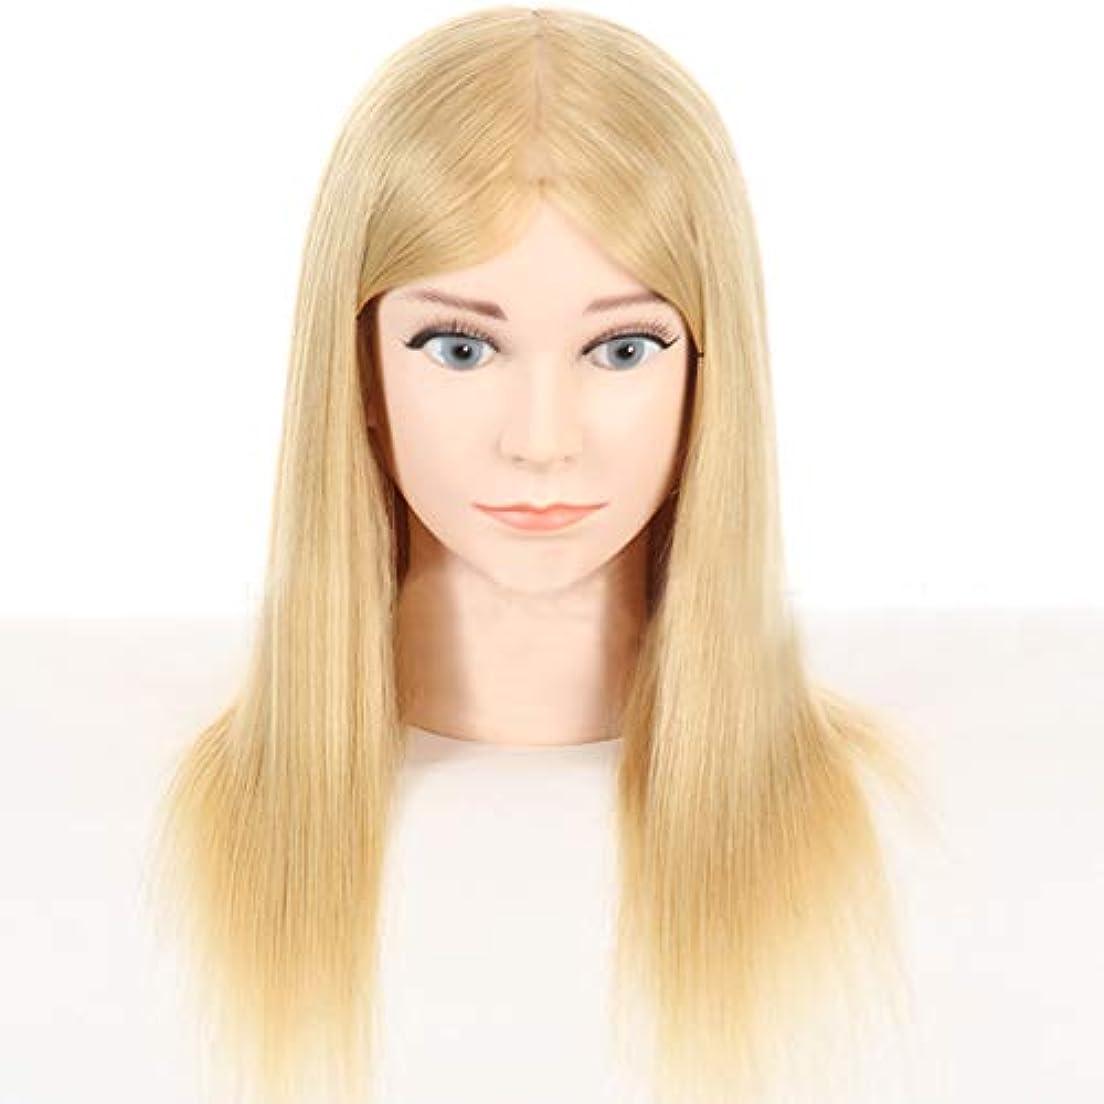 名声欲望管理します本物の人間の髪のかつらの頭の金型の理髪の髪型のスタイリングマネキンの頭の理髪店の練習の練習ダミーヘッド